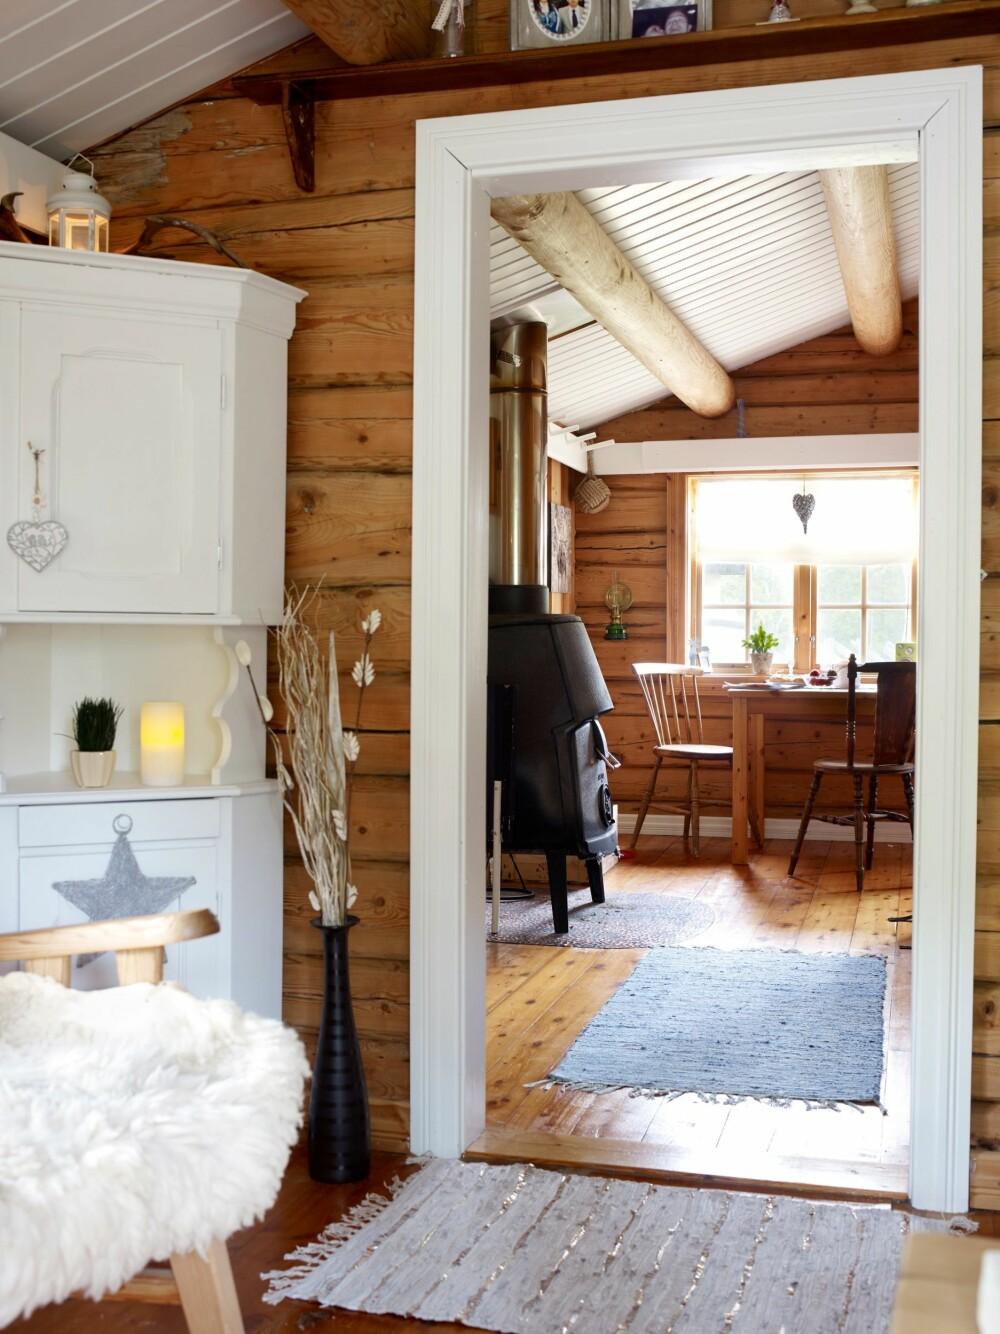 FRA DET GAMLE: Stuen og kjøkkenet var første etasje i det gamle tømmerhuset. Hjørneskapet fulgte med hytta.